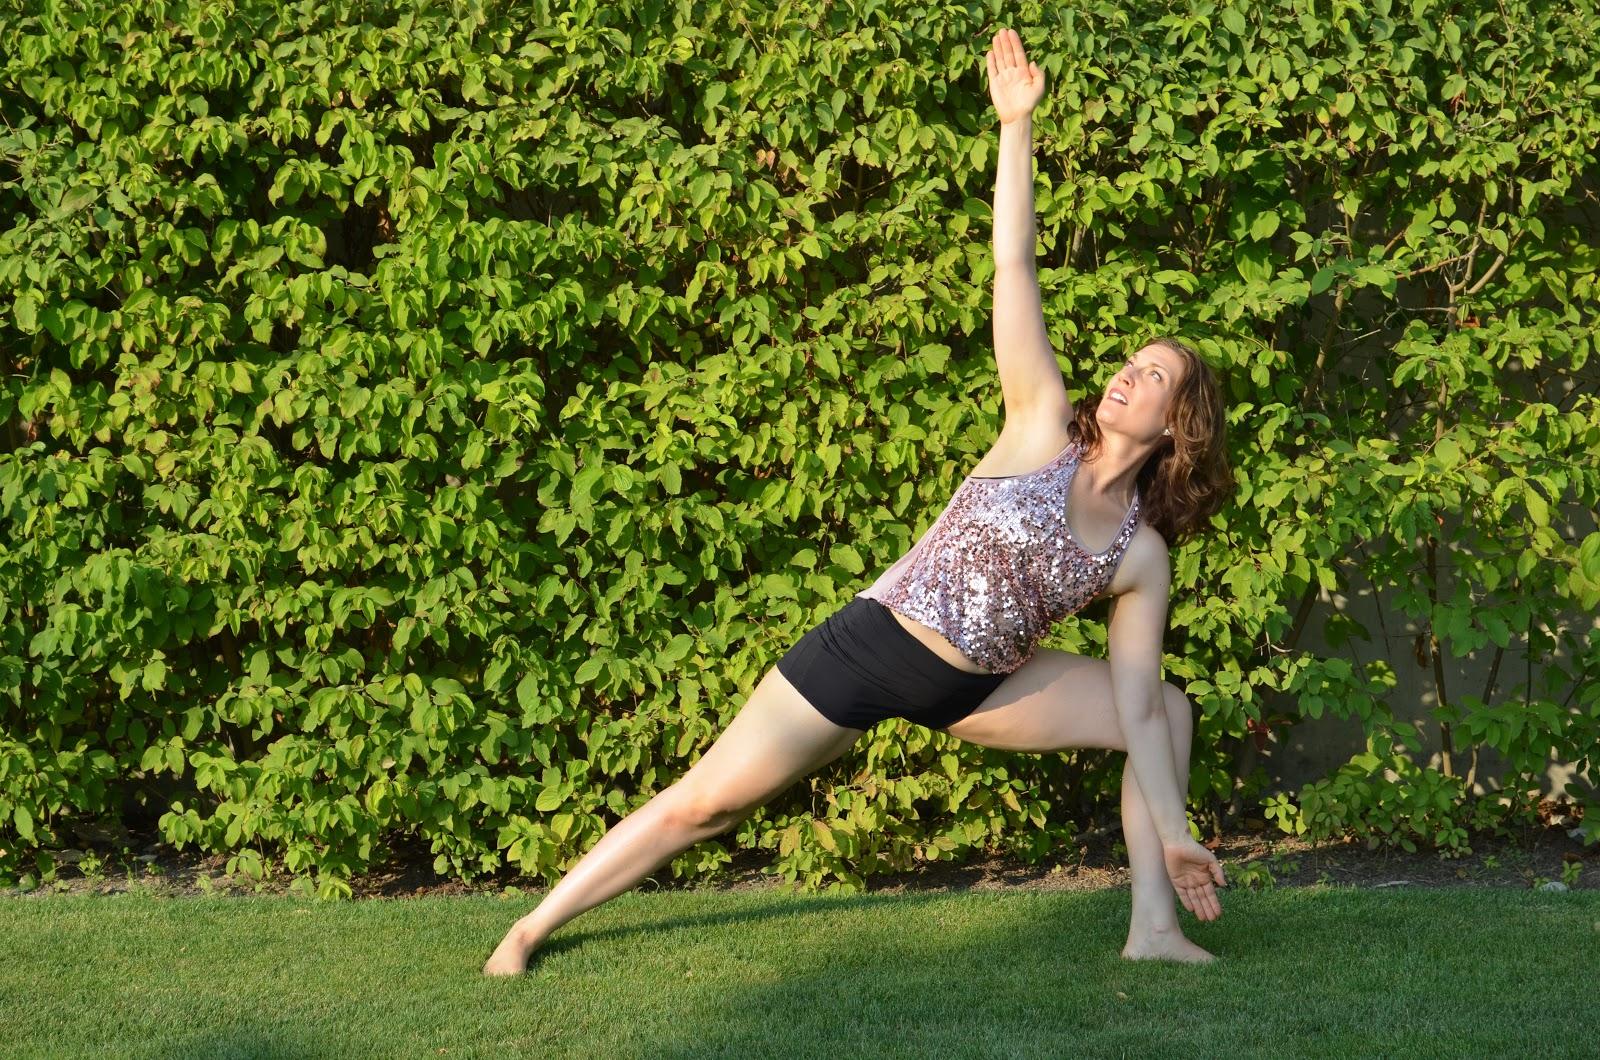 Bikram Yoga Salt Lake City: What's eVette's Secret?